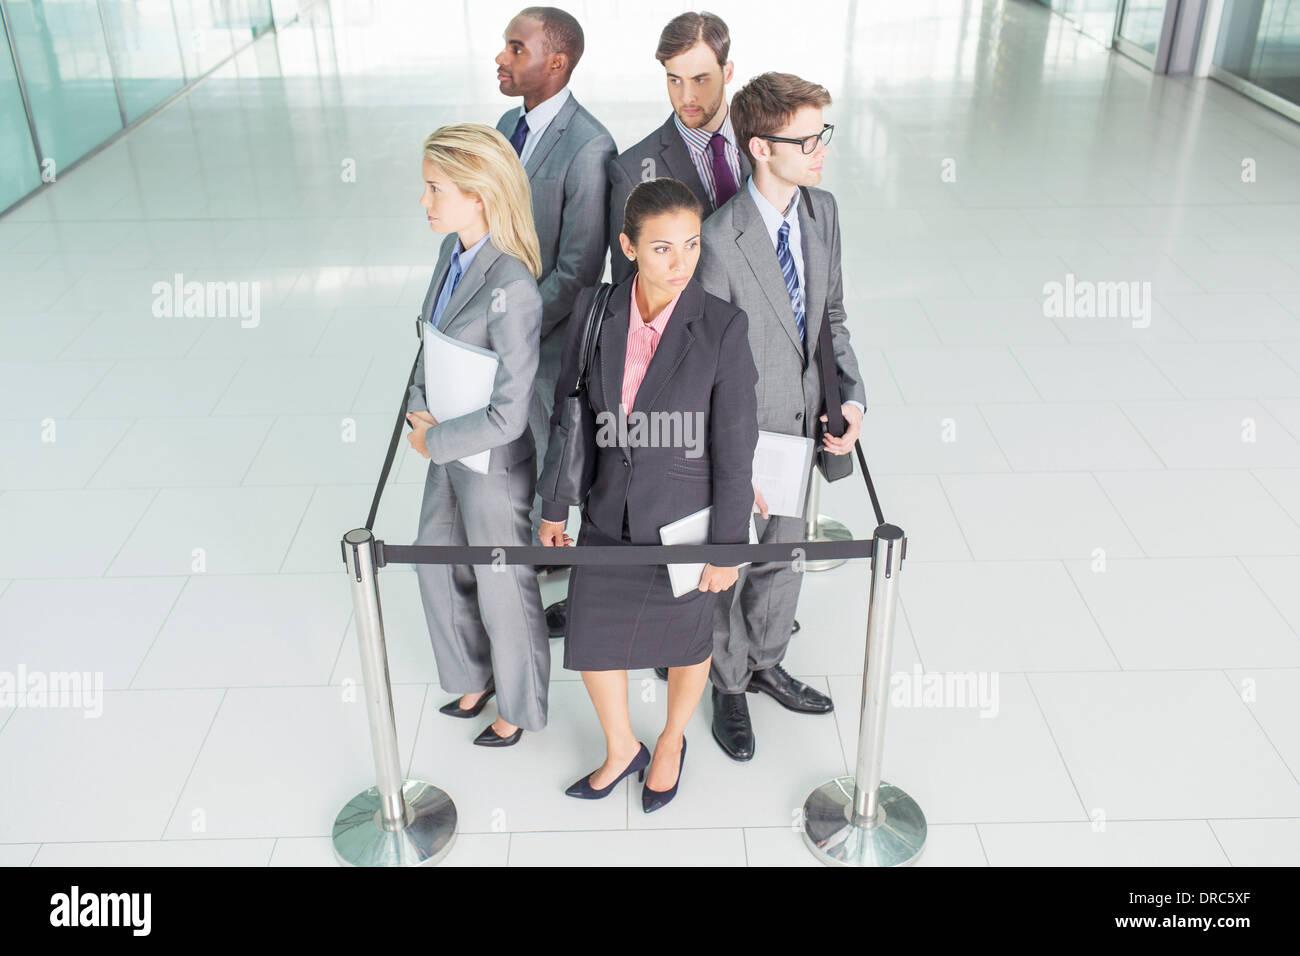 La gente di affari in piedi in una cordata-off square Immagini Stock